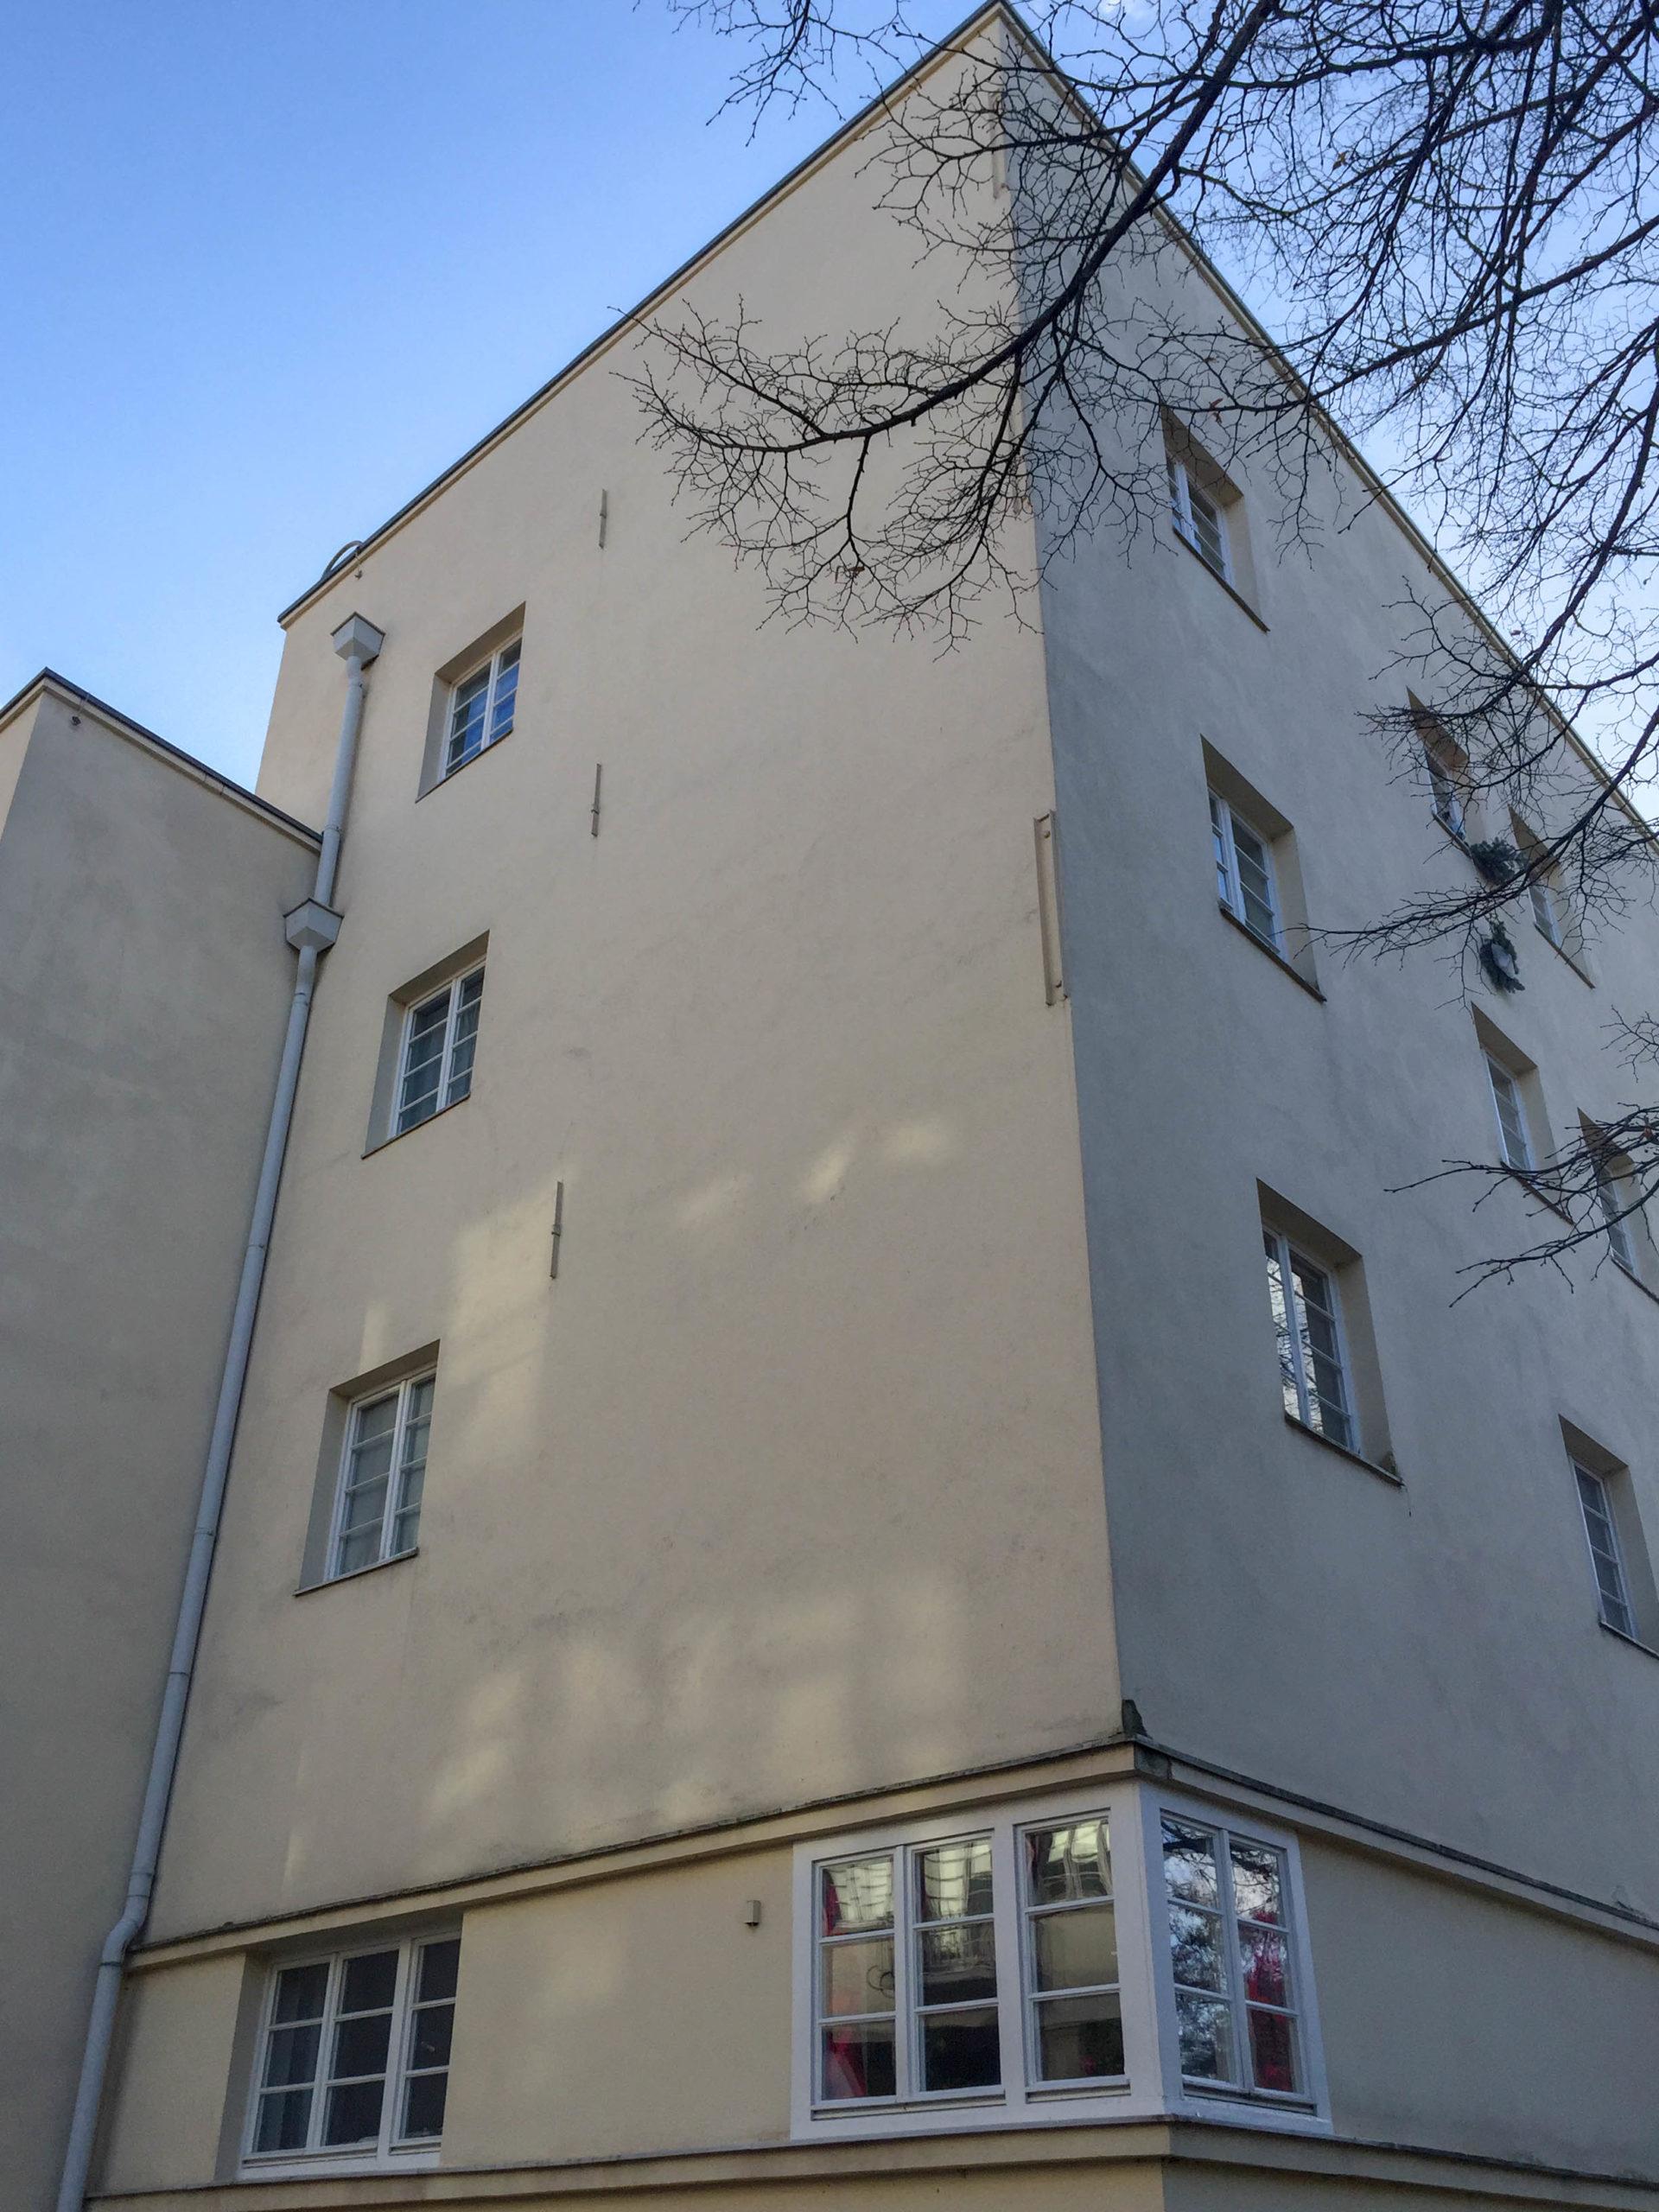 Terrassenhaus, 1927. Architekt: Peter Behrens